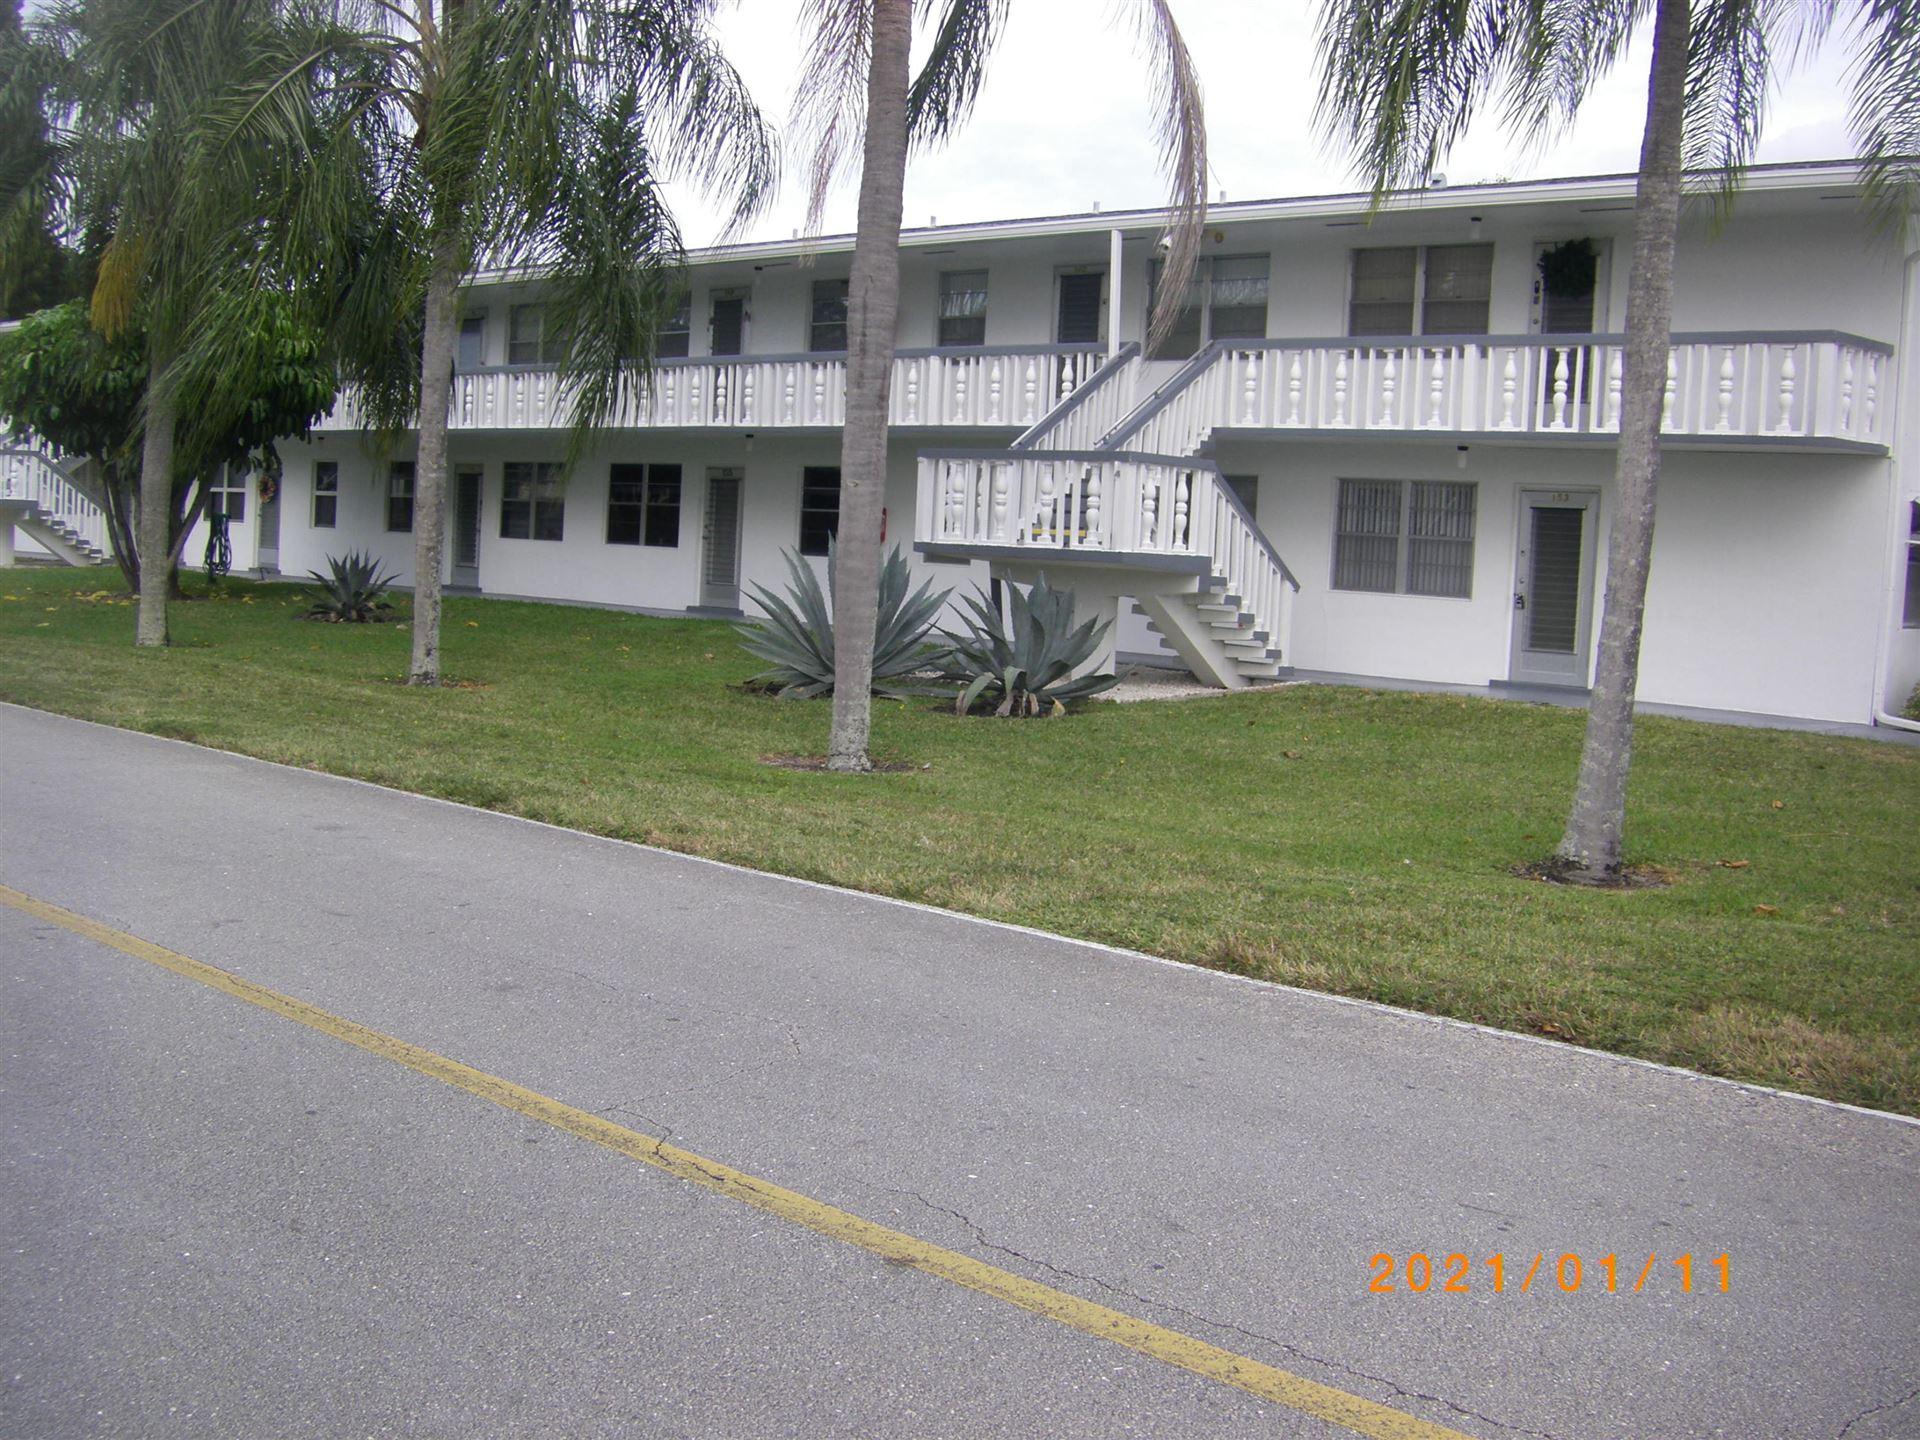 163 Canterbury G #163, West Palm Beach, FL 33417 - #: RX-10683794